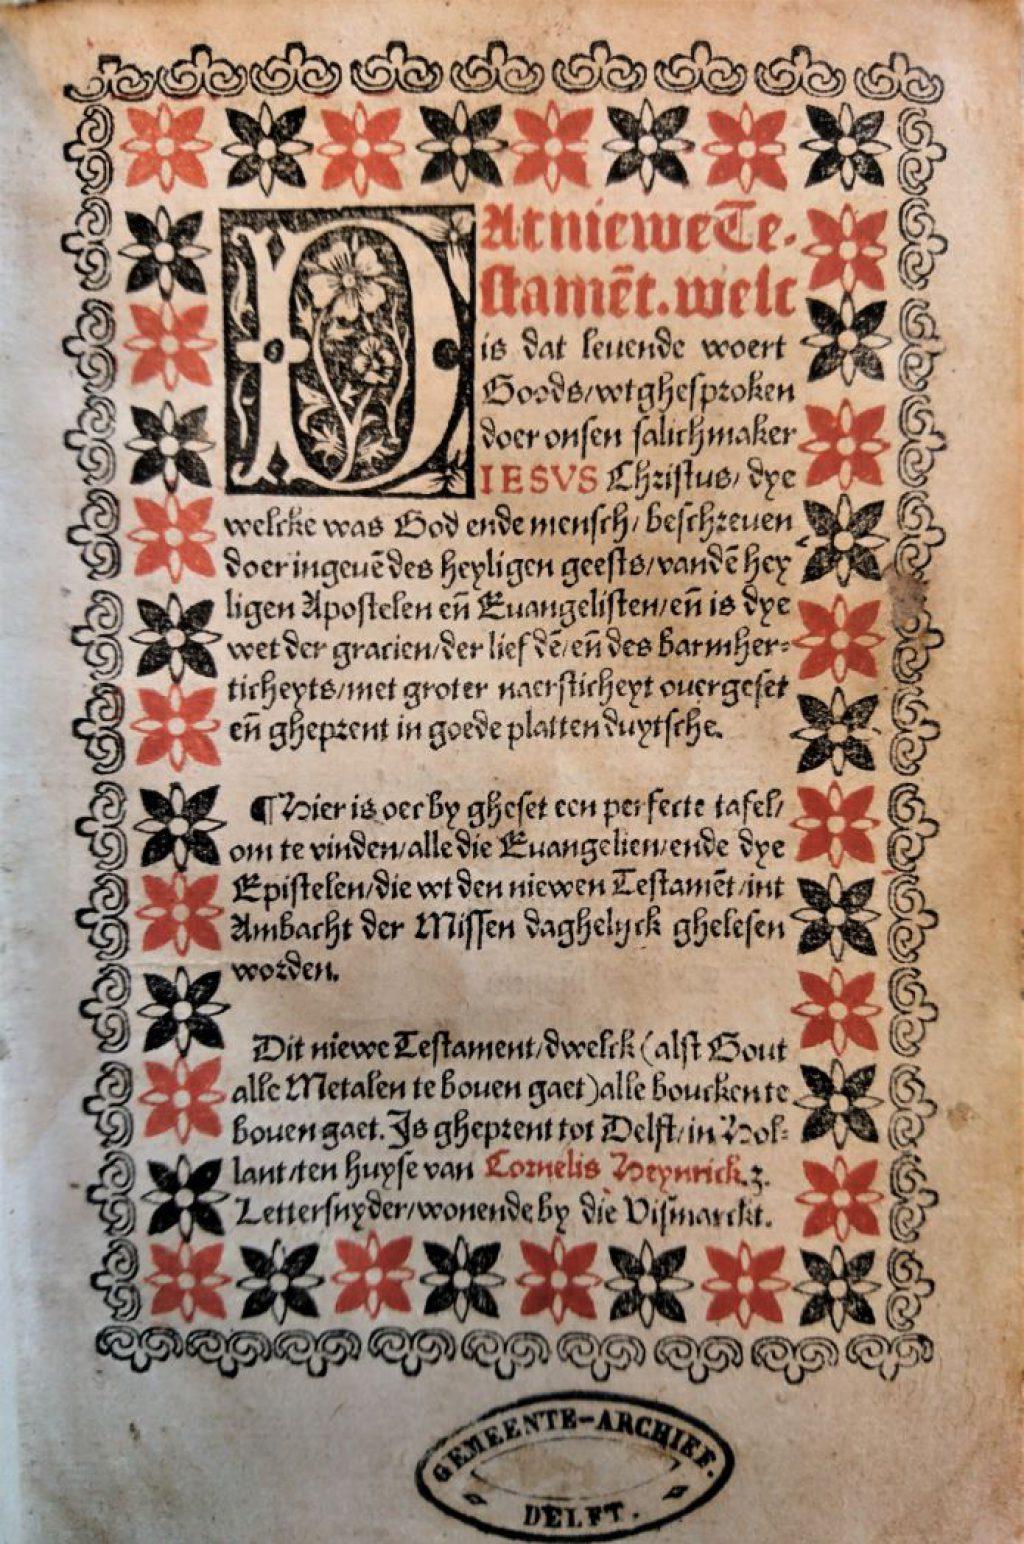 Titelpagina van het Nieuwe Testament, gedrukt door Cornelis Hendriksz Lettersnider in 1524. (Bibliotheek)